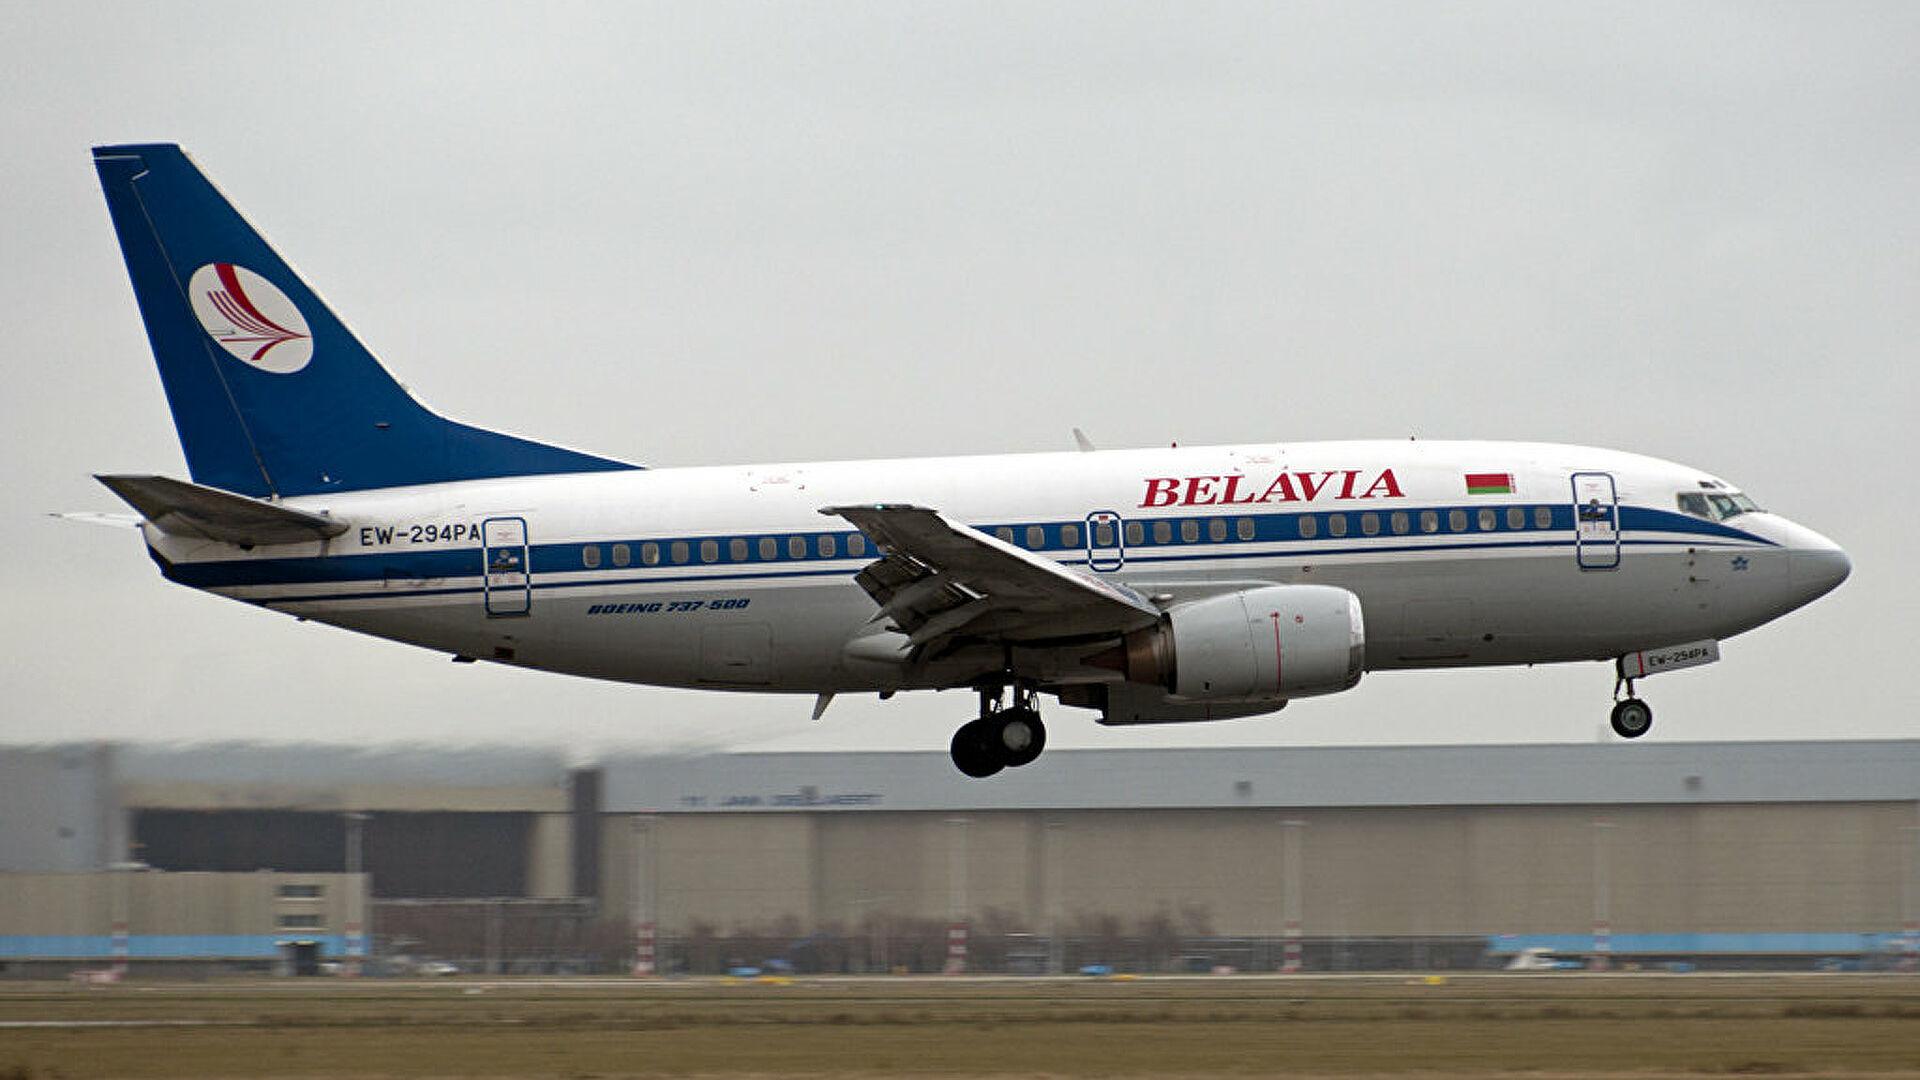 Словакия закрыла воздушное пространство для белорусских самолетов